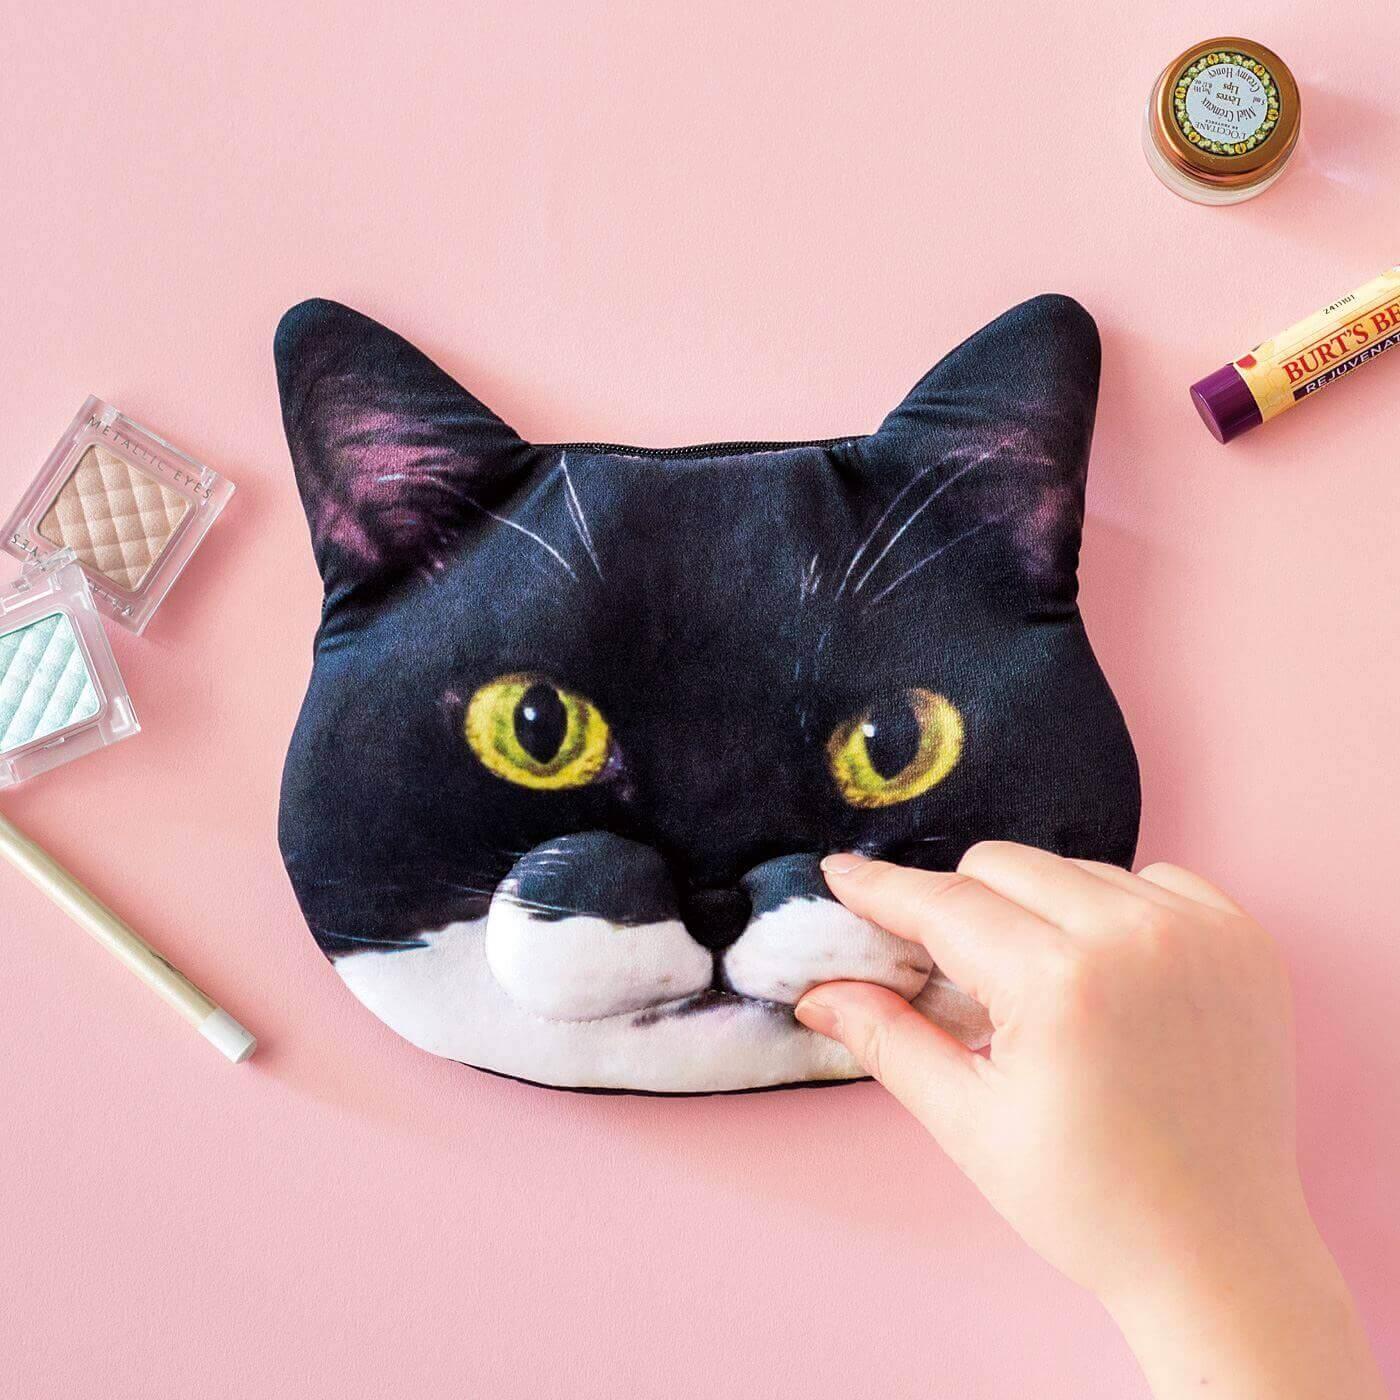 魅惑のもっちりひげ袋 ギズモさんポーチ フェリシモ猫部